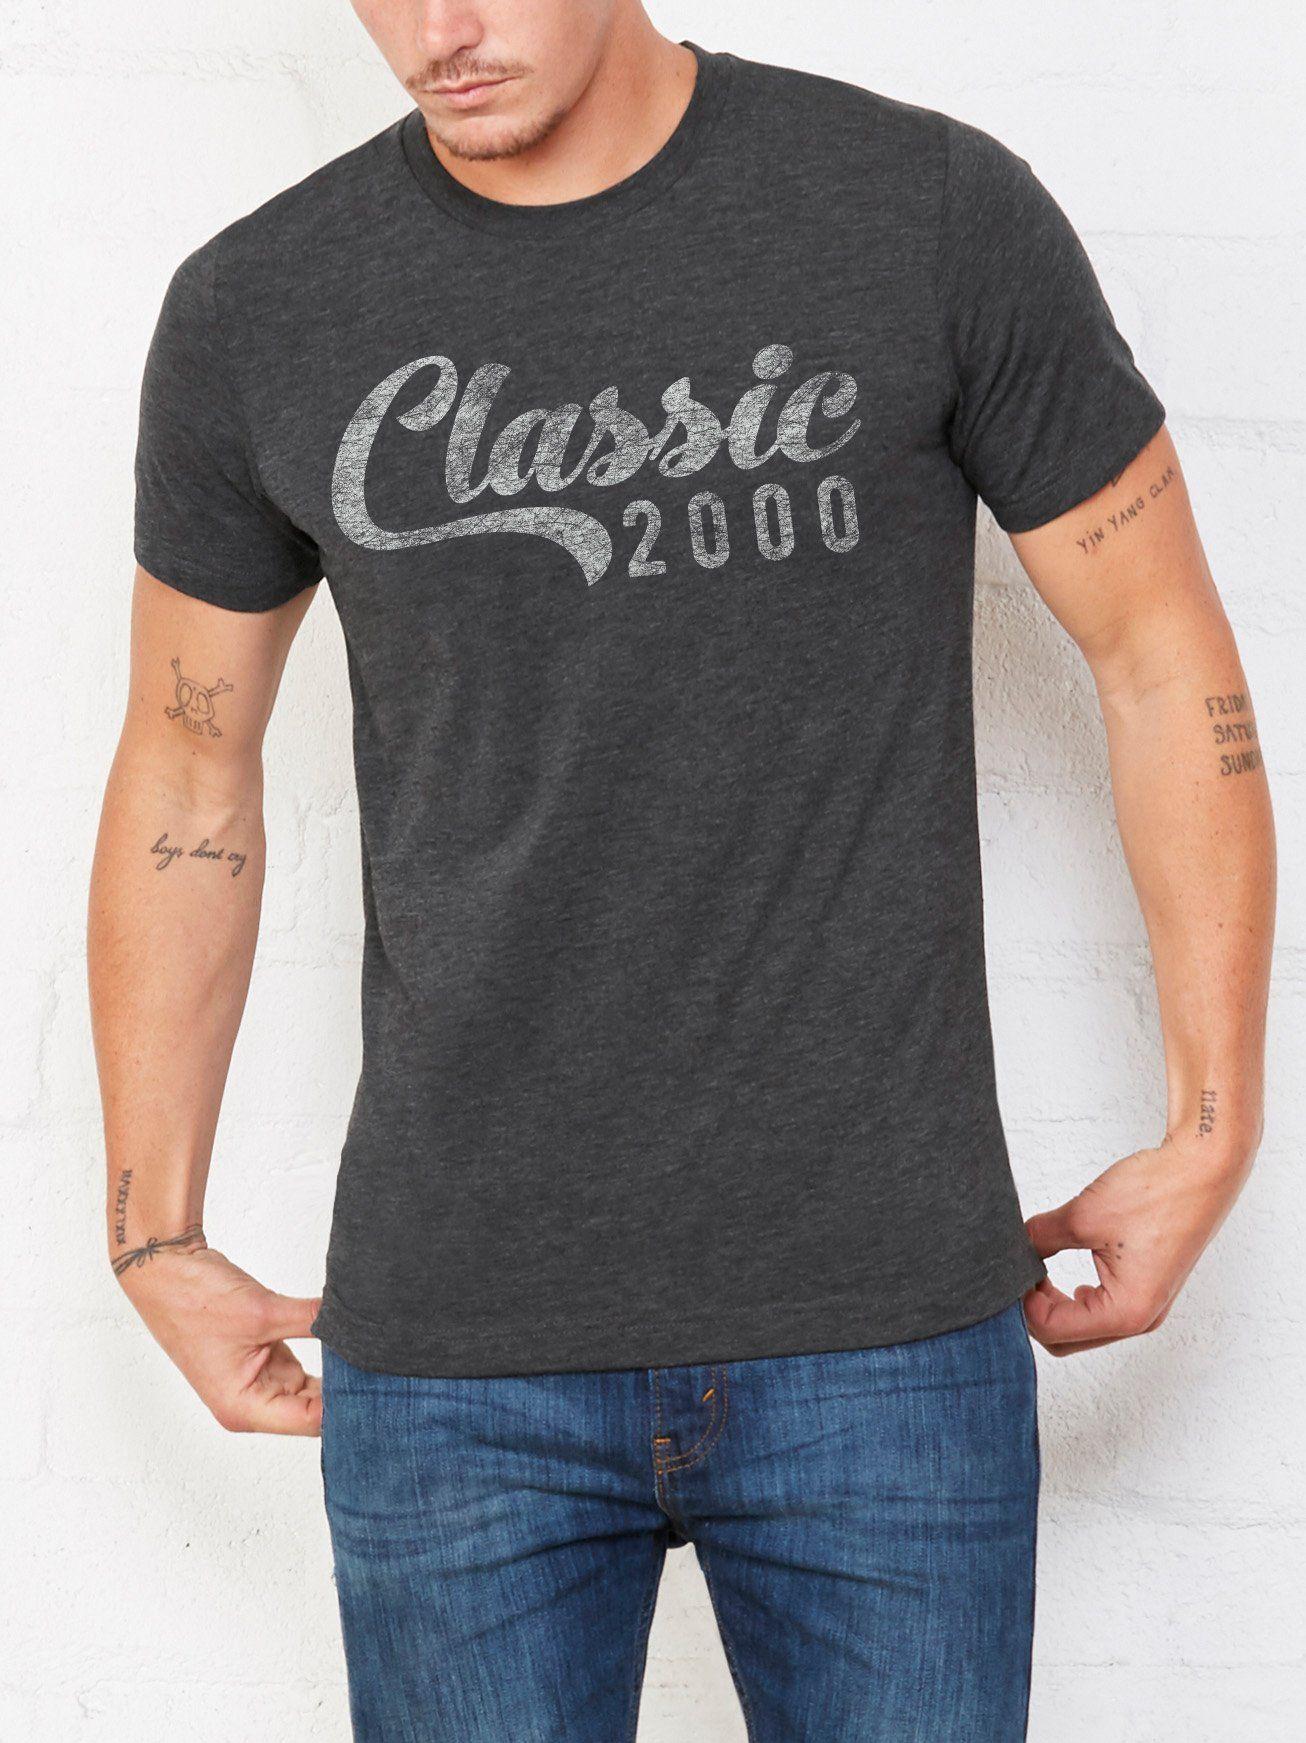 Classic 2000 T Shirt